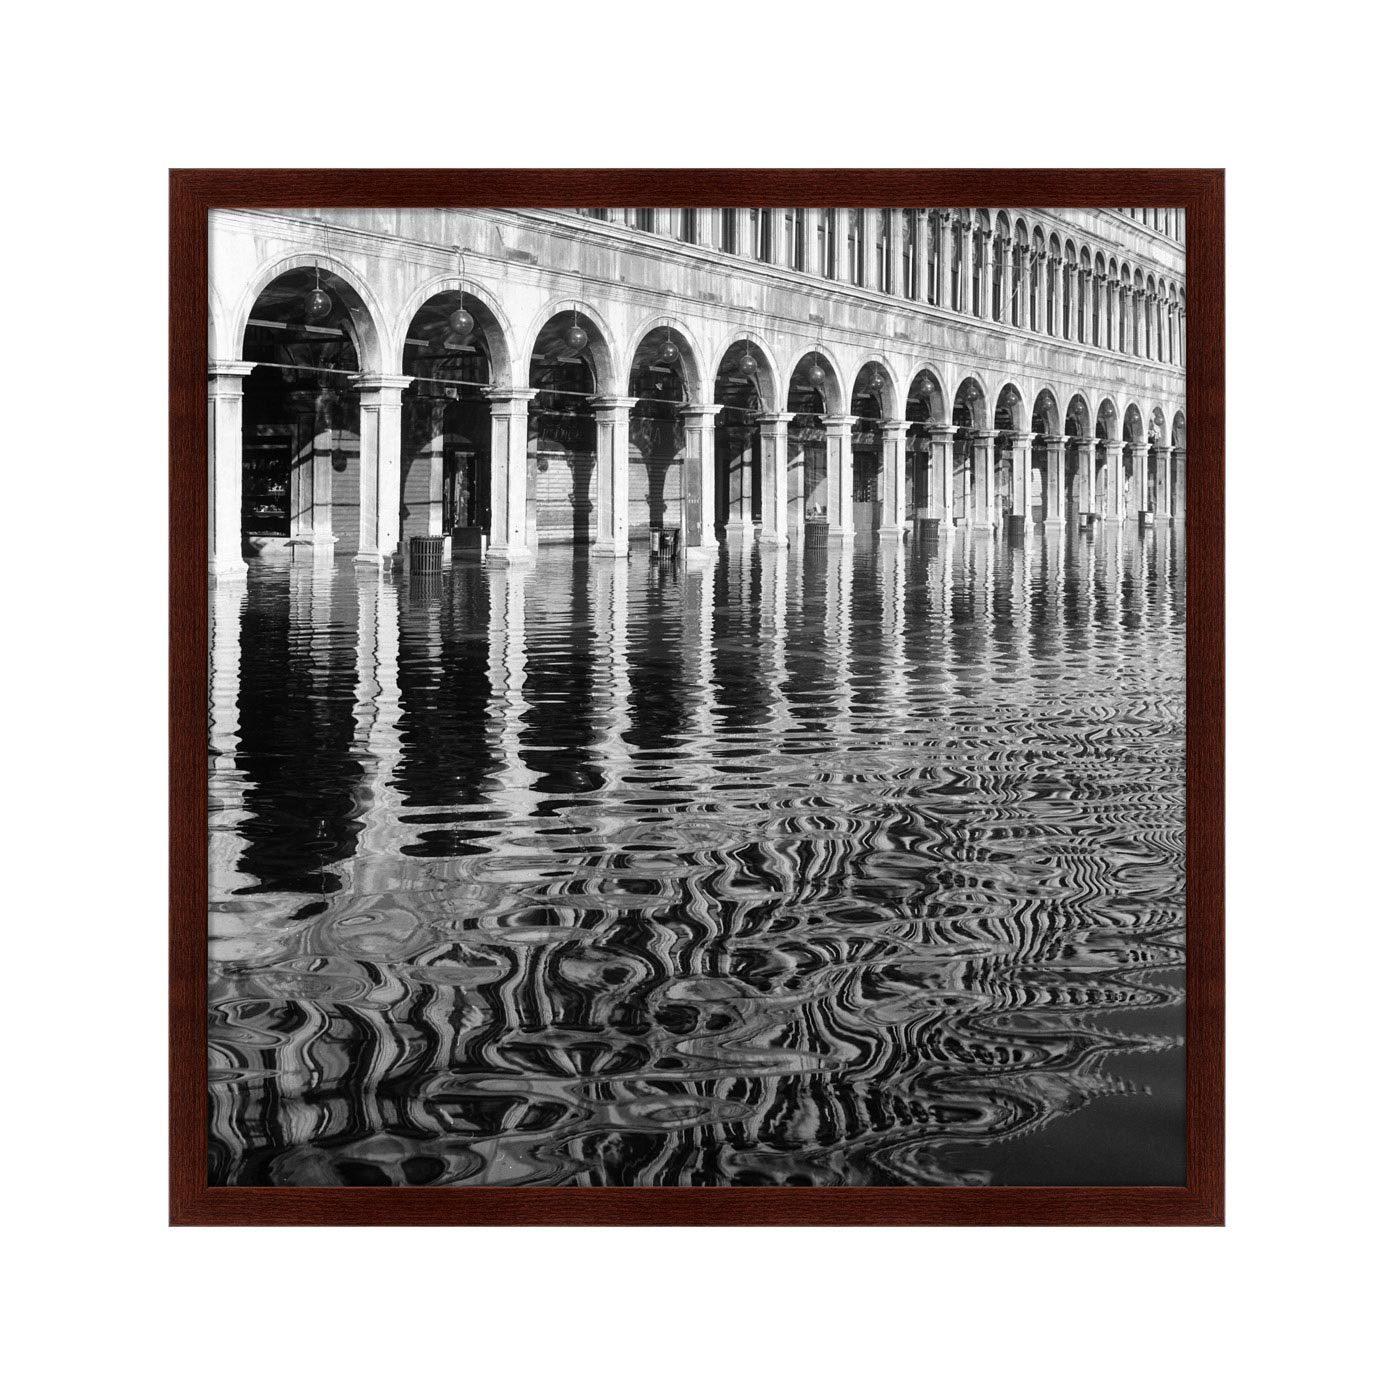 {} Картины в Квартиру Картина Венеция, Утро (79х79 см) картины в квартиру картина вода деревья утро 102х130 см